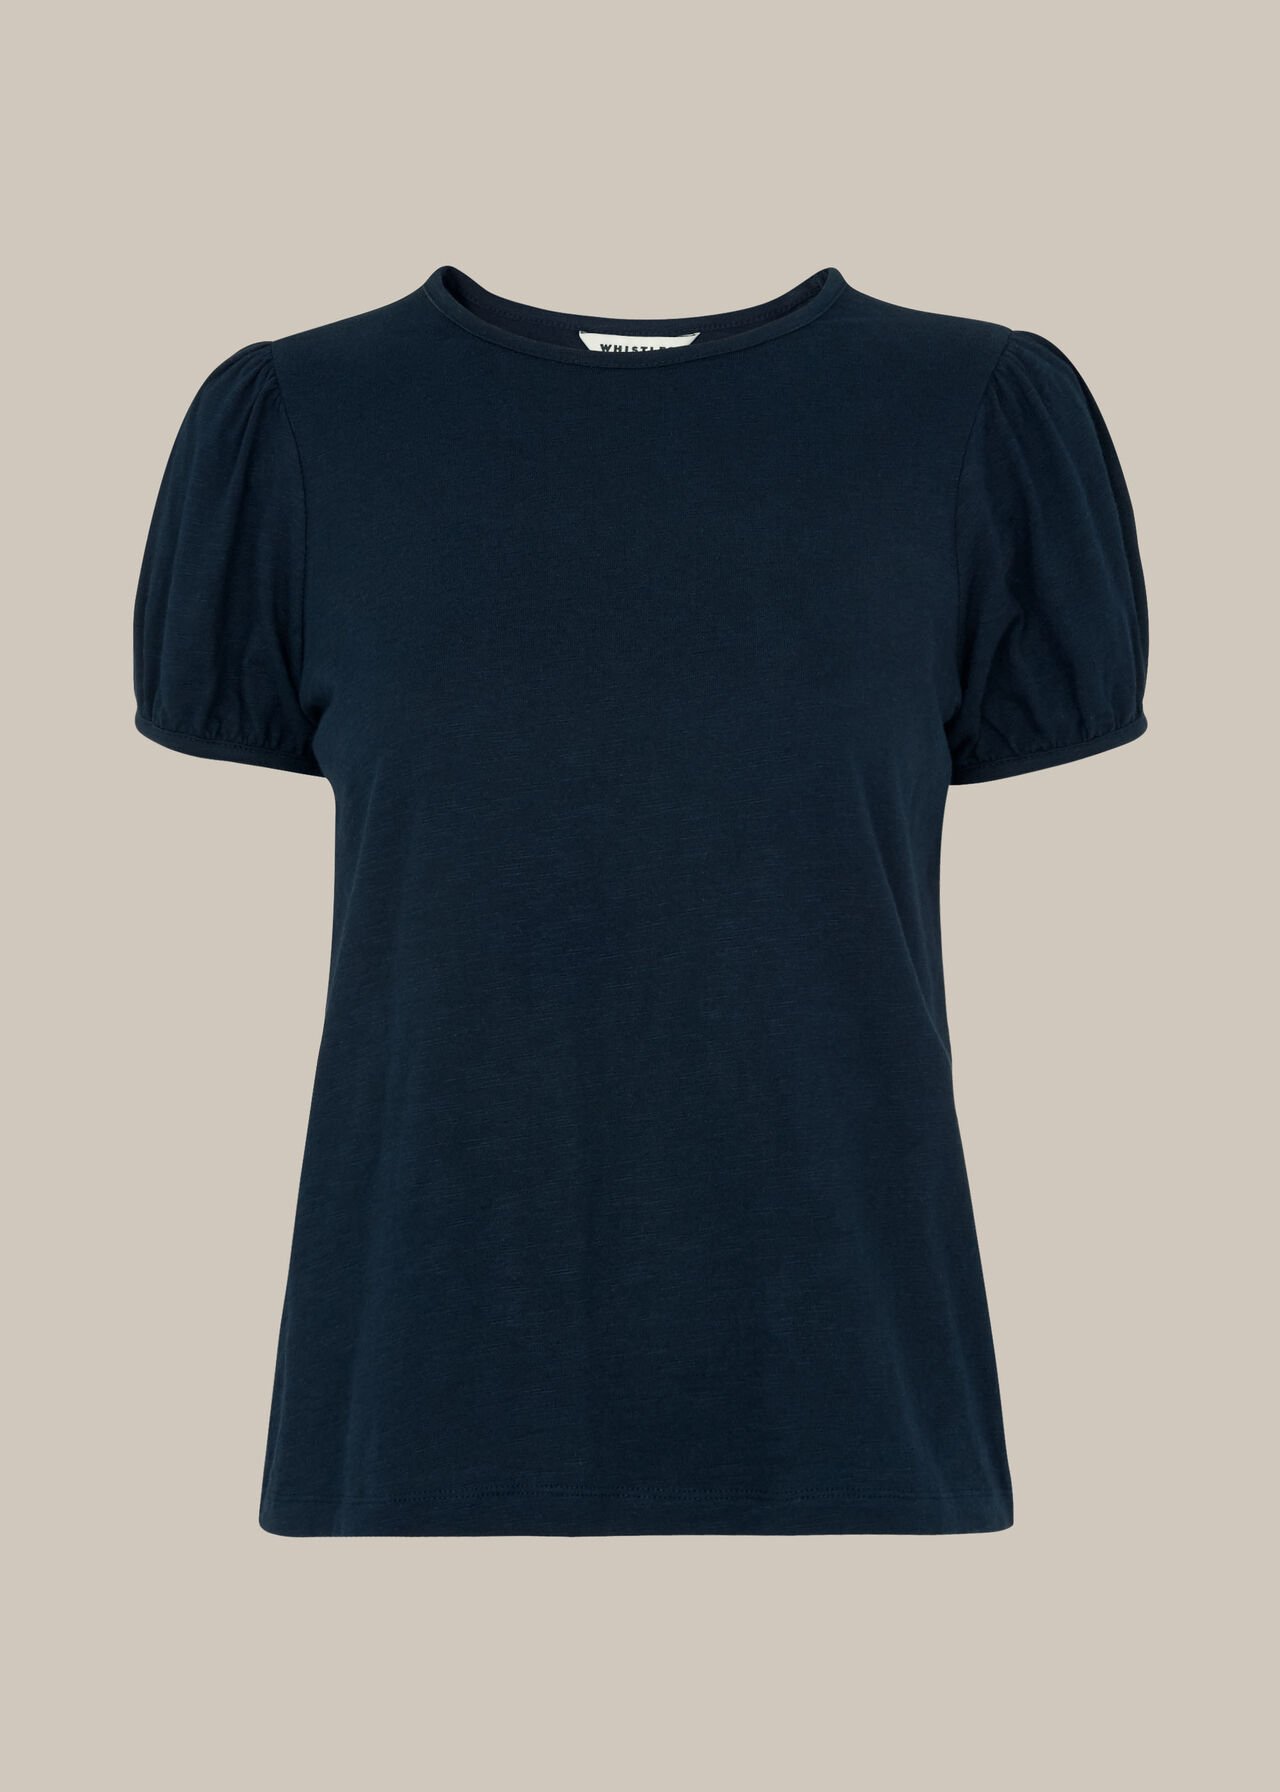 Puff Sleeve TShirt Navy